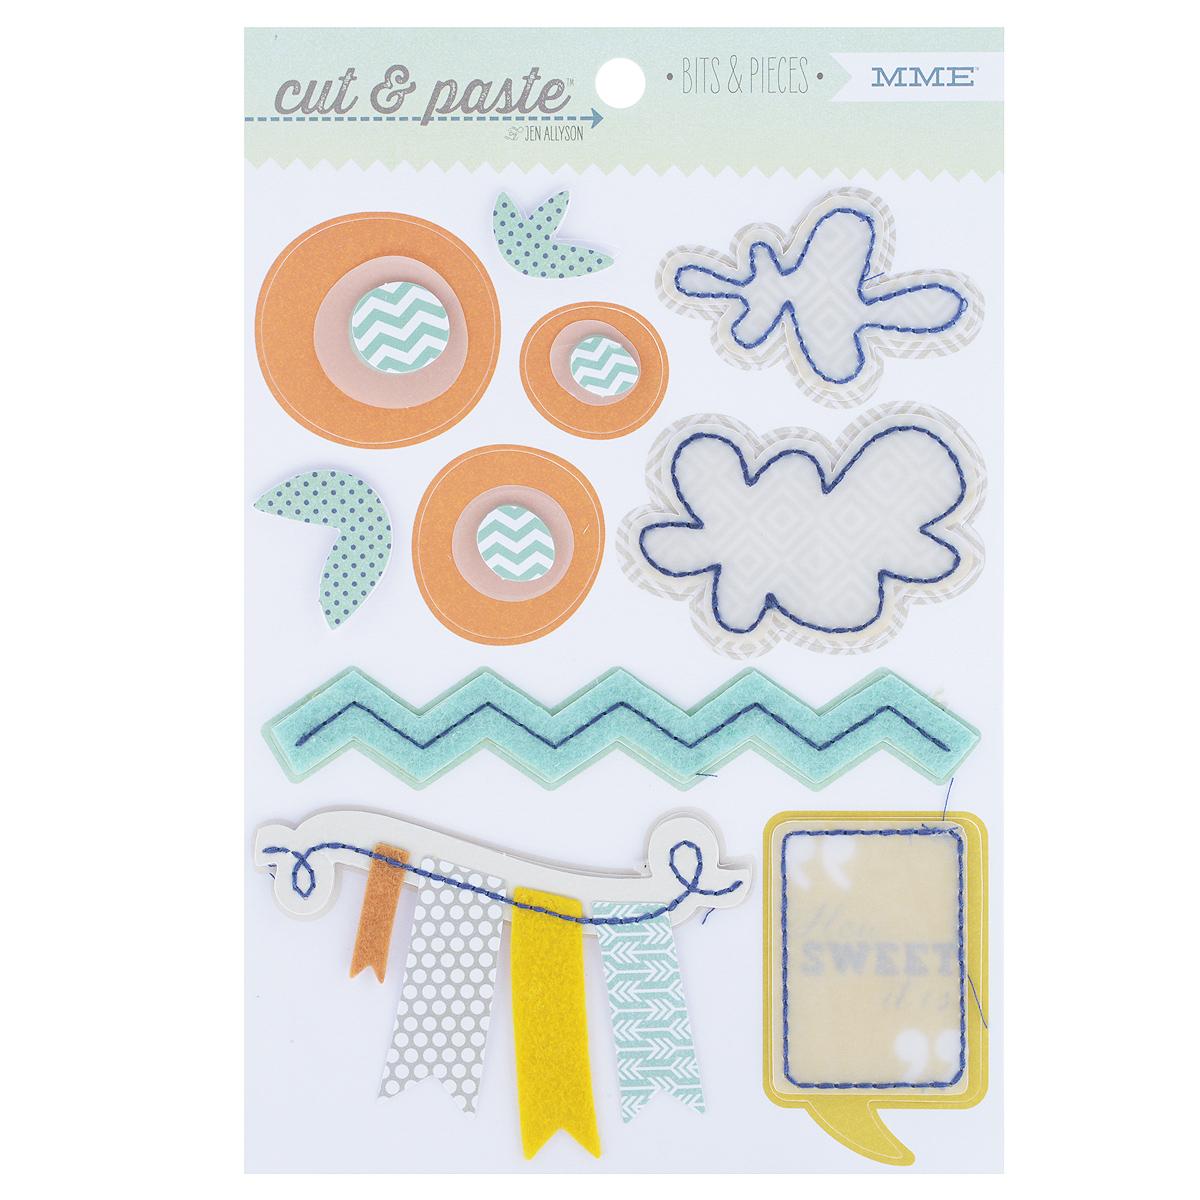 Стикеры My Minds Eye Sweet, 12,5 х 19 см, 10 штCP1032Стикеры My Minds Eye Sweet выполнены из высококачественной бумаги и фетра в виде облачков, кружков, флажков. Такой набор прекрасно подойдет для оформления творческих работ в технике скрапбукинга. Стикеры можно использовать для украшения фотоальбомов, скрап-страничек, подарков, конвертов, фоторамок, открыток и многого другого. В наборе - 10 стикеров разного размера и дизайна. На задней стороне - клейкая поверхность. Скрапбукинг - это хобби, которое способно приносить массу приятных эмоций не только человеку, который этим занимается, но и его близким, друзьям, родным. Это невероятно увлекательное занятие, которое поможет вам сохранить наиболее памятные и яркие моменты вашей жизни, а также интересно оформить интерьер дома. Размер листа: 12,5 см х 19 см. Средний размер стикера: 3,5 см х 5,5 см. Количество стикеров: 10 шт.